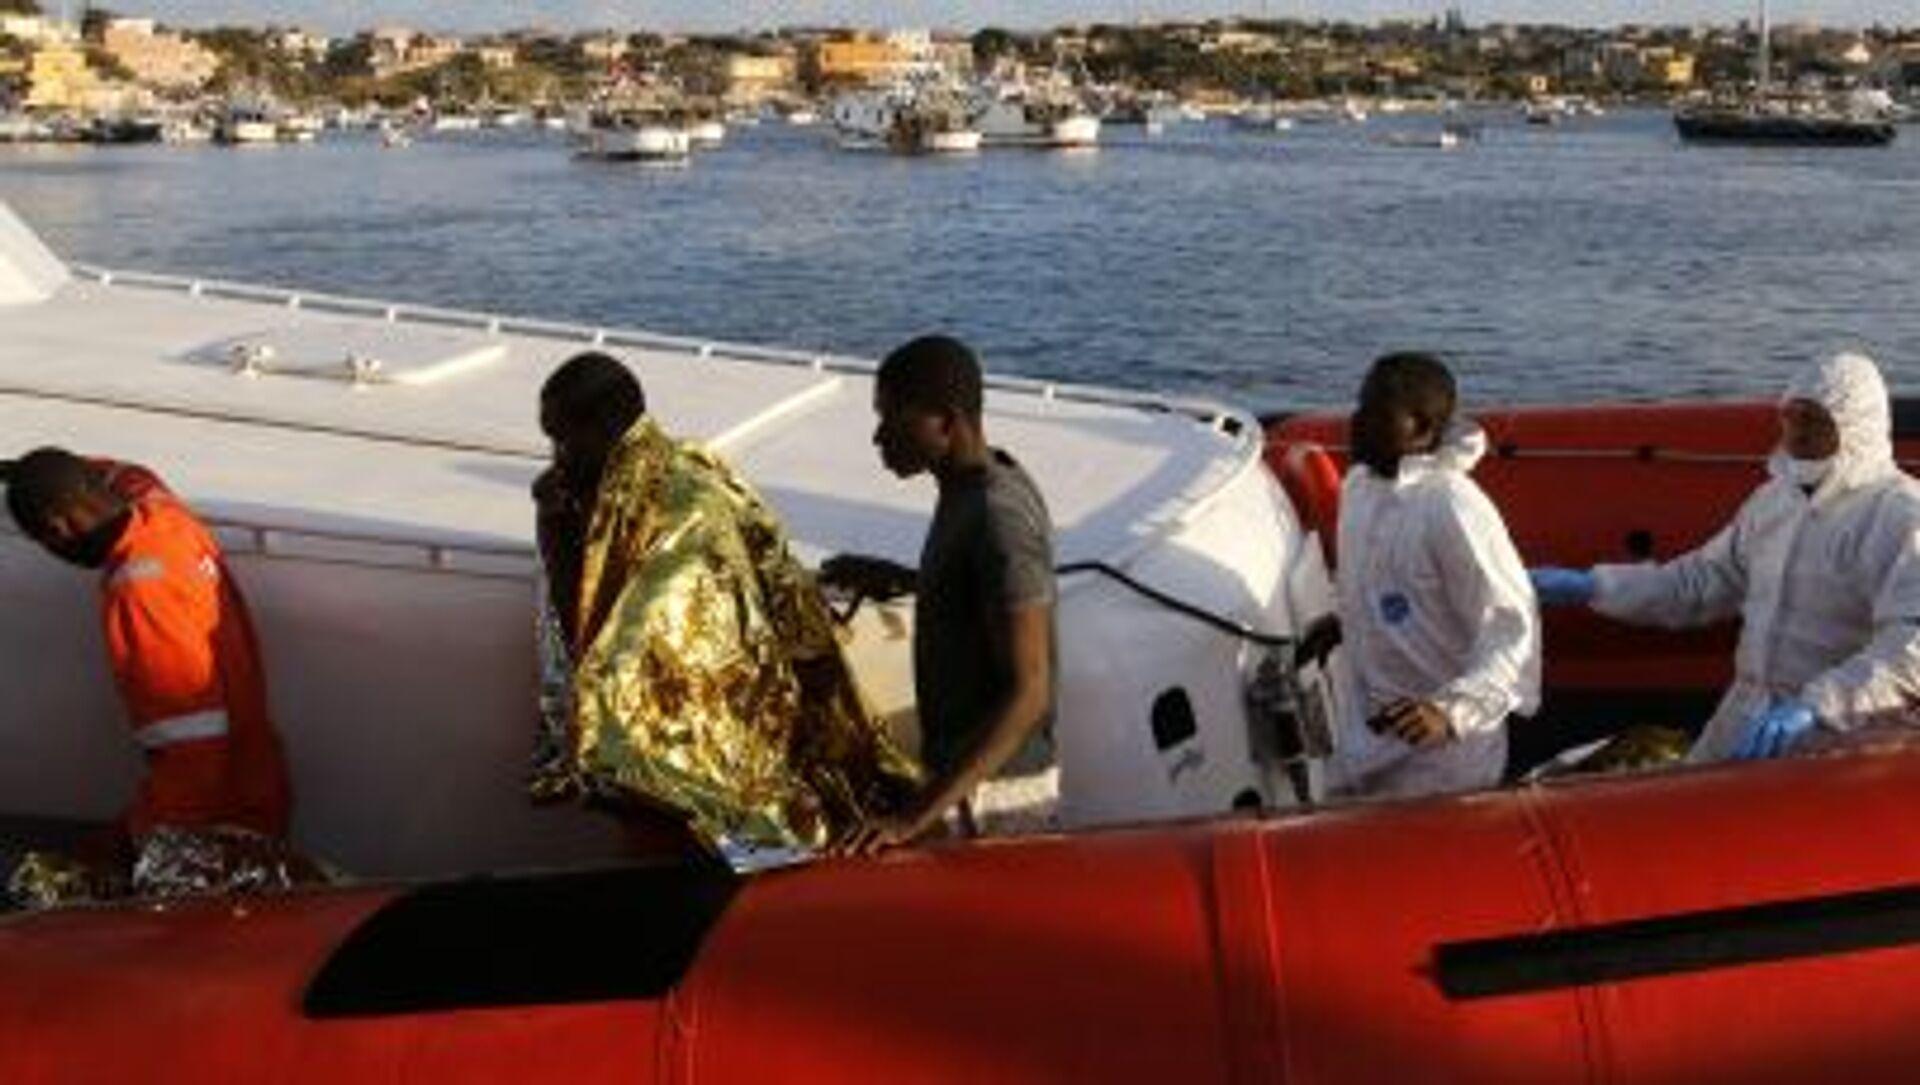 Nel porto di Lampedusa sbarcano migliaia di migranti   - Sputnik Italia, 1920, 20.02.2021